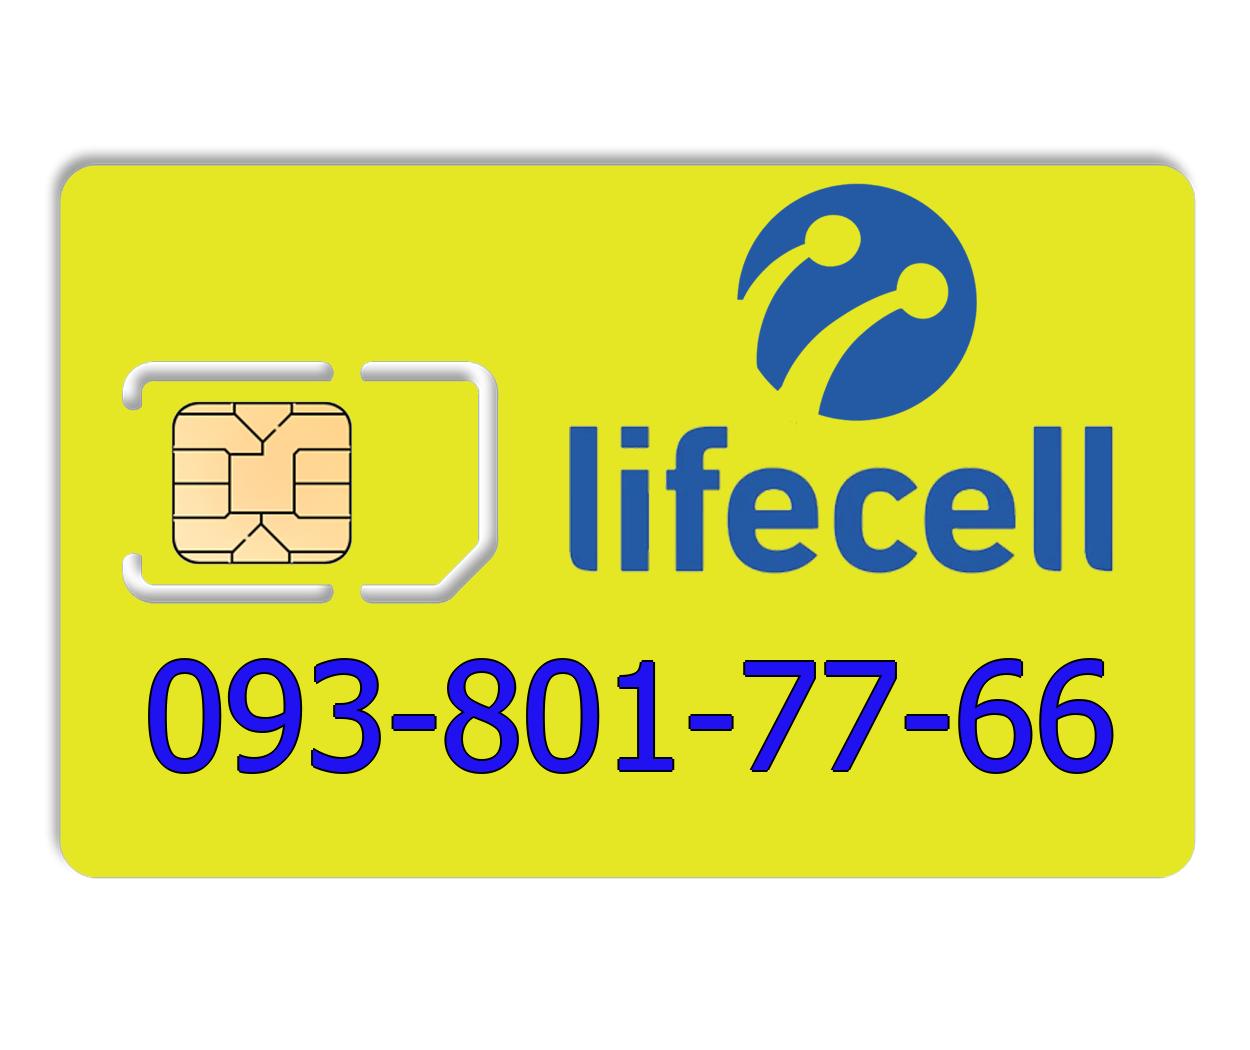 Красивый номер lifecell 093-801-77-66